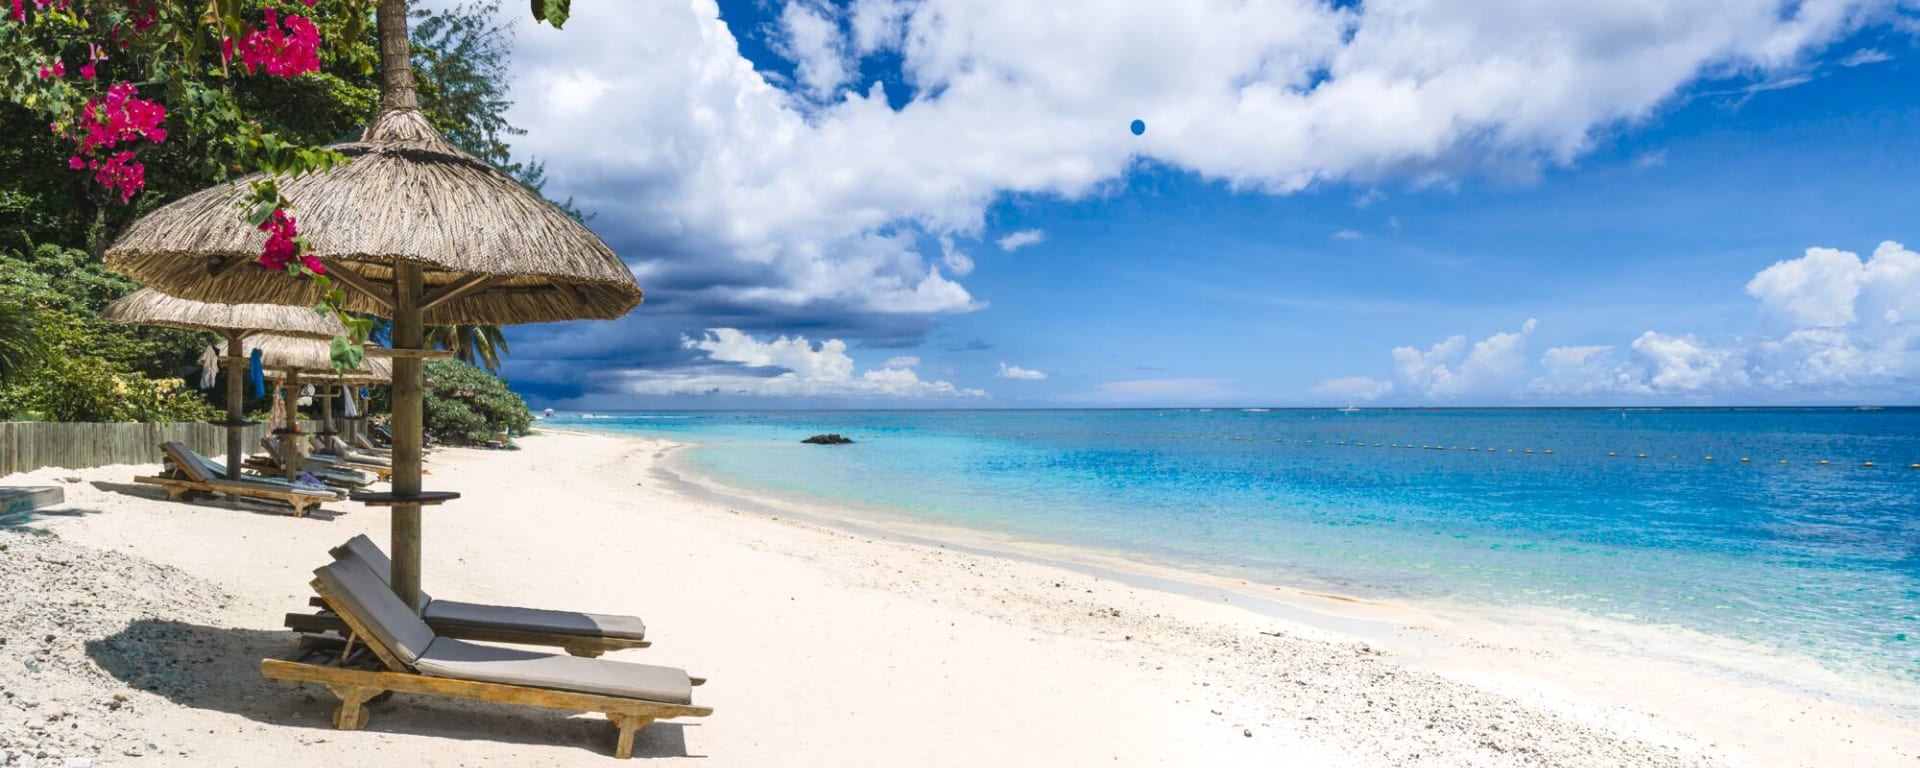 Mauritius entdecken mit Tischler Reisen: Mauritius Strand Meer